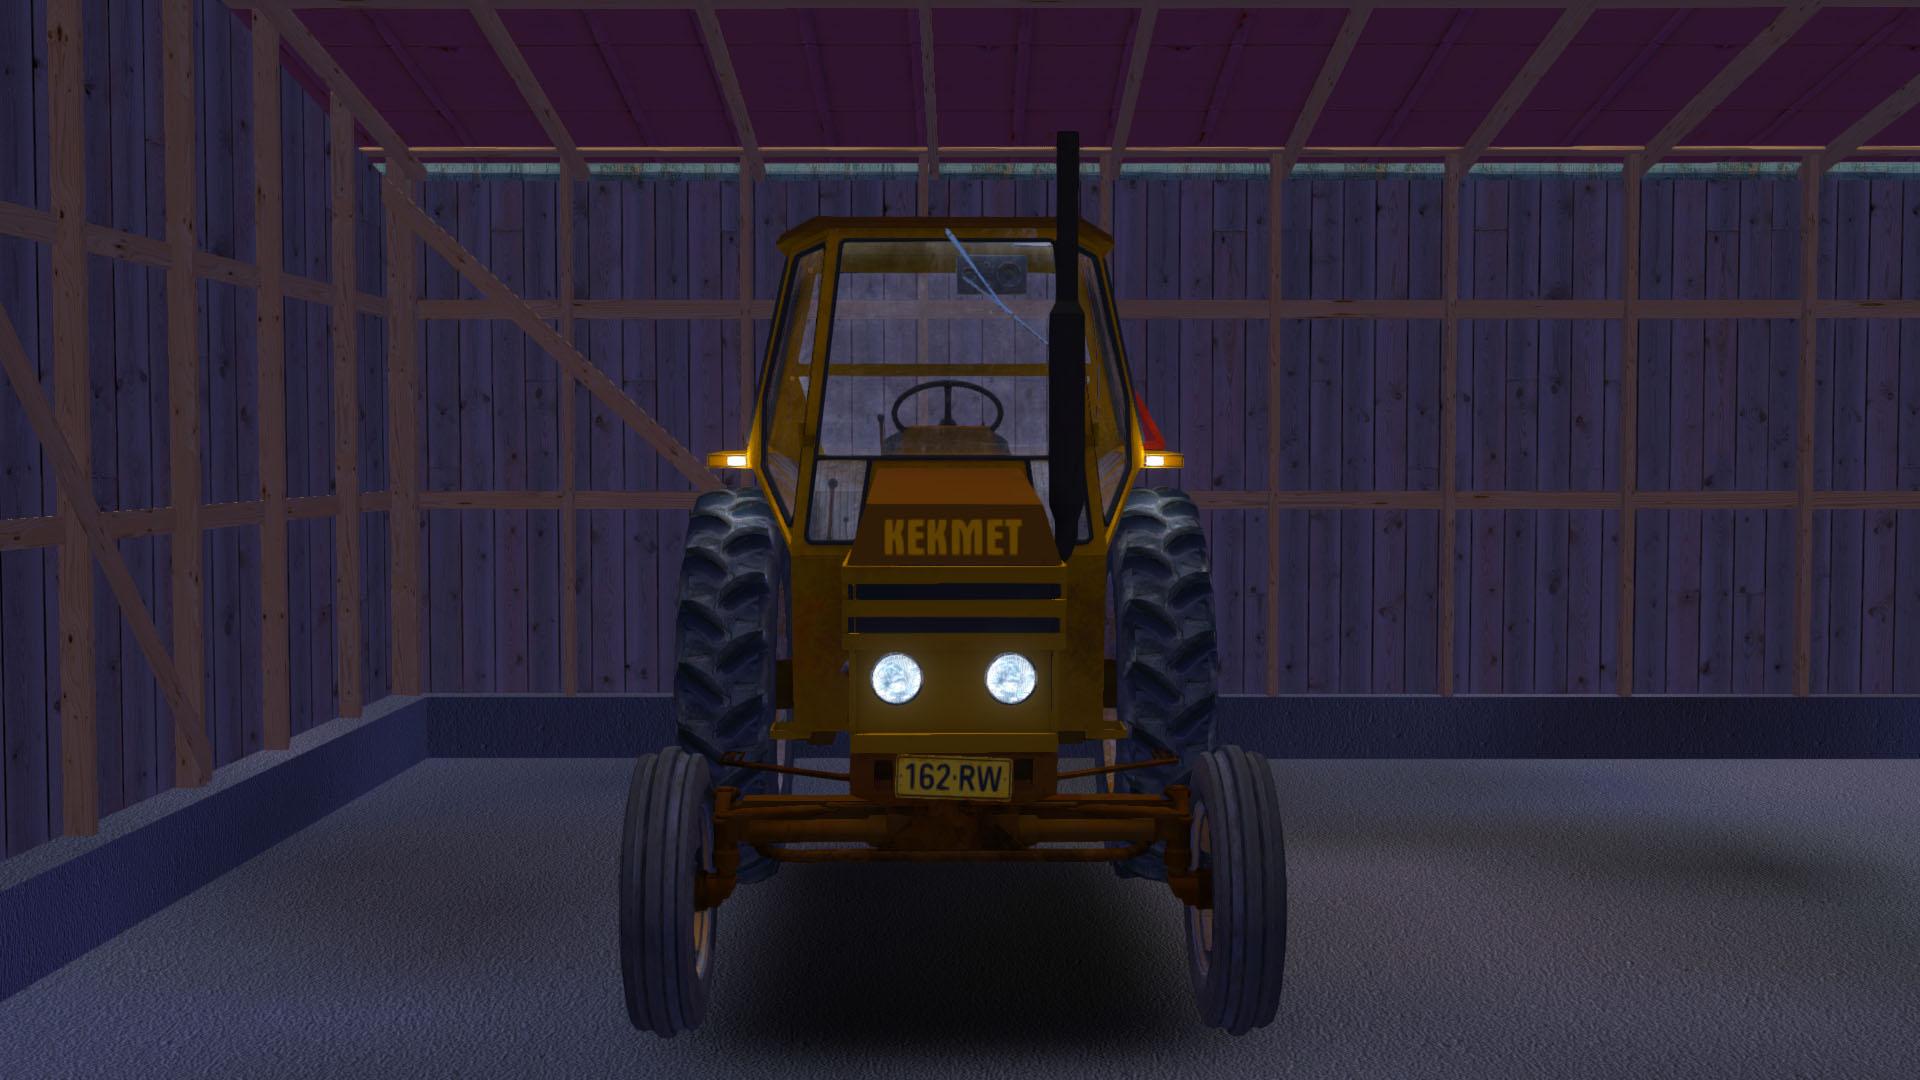 Kekmet Addons Mod My Summer Car Mods Gamewatcher